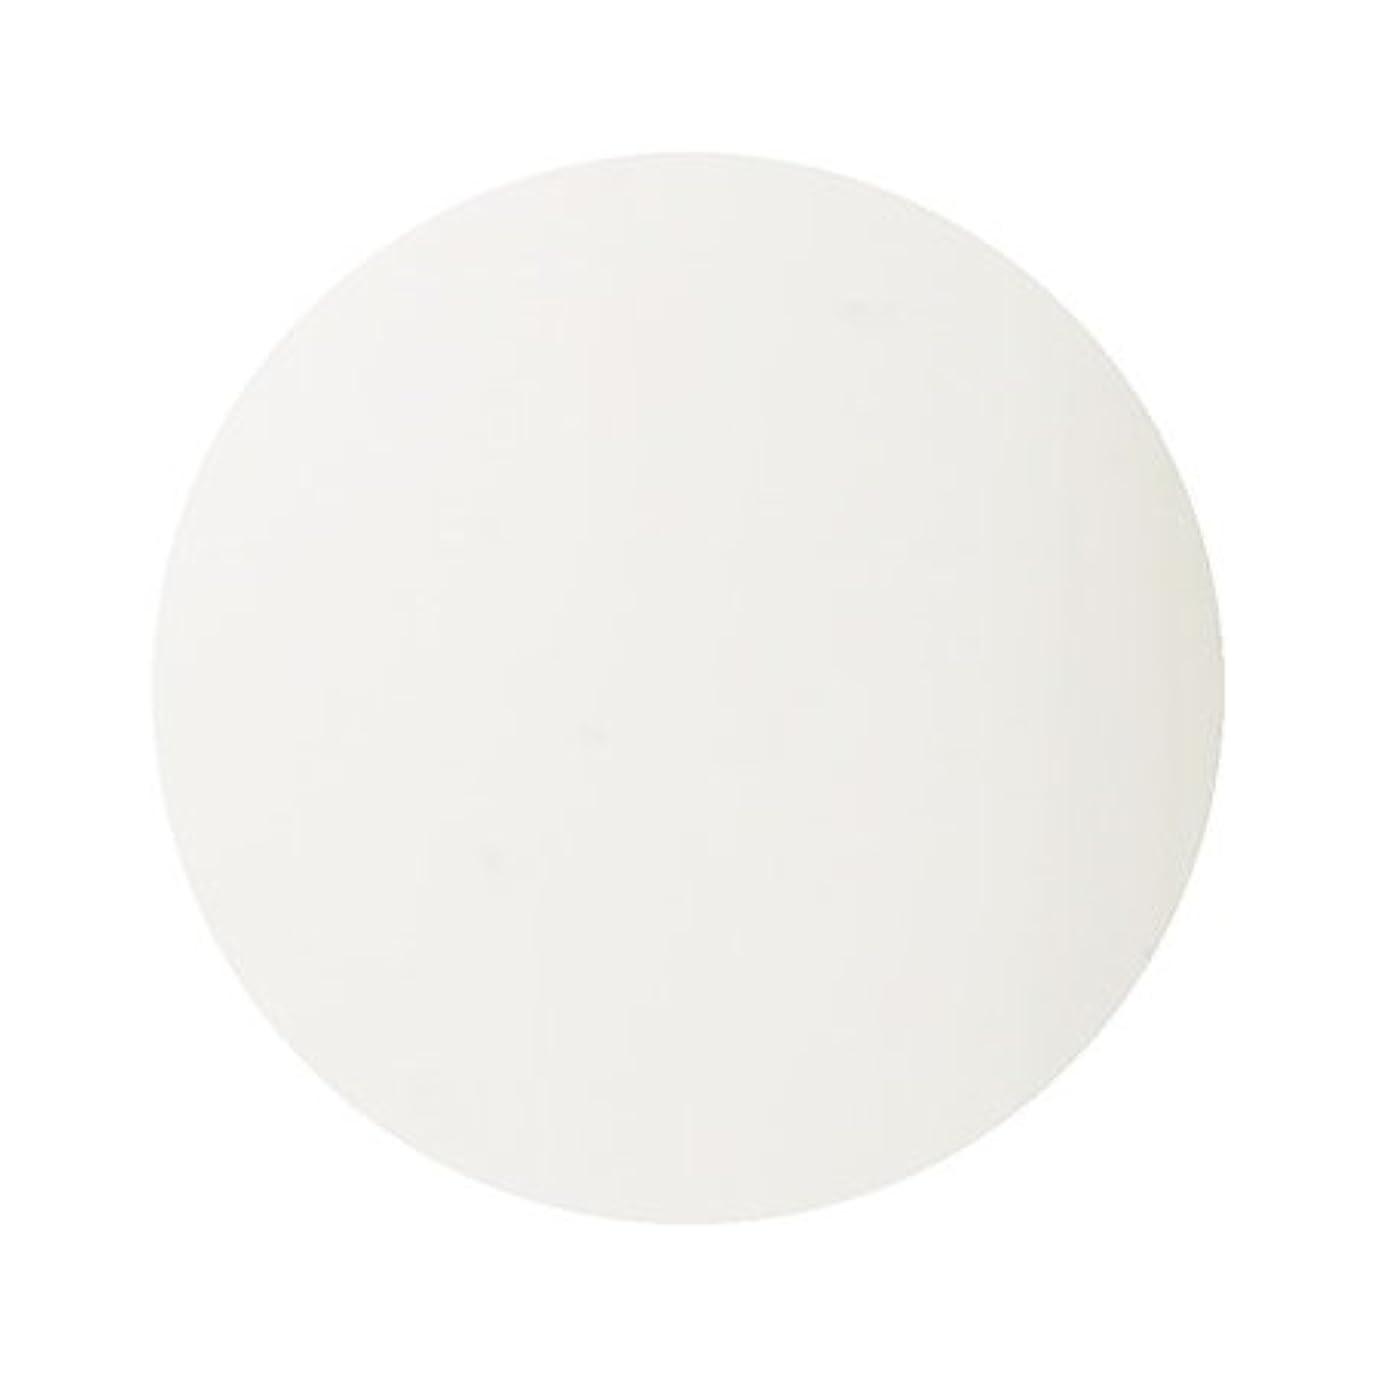 パラポリッシュ ハイブリッドカラージェル V1 ホワイト 7g